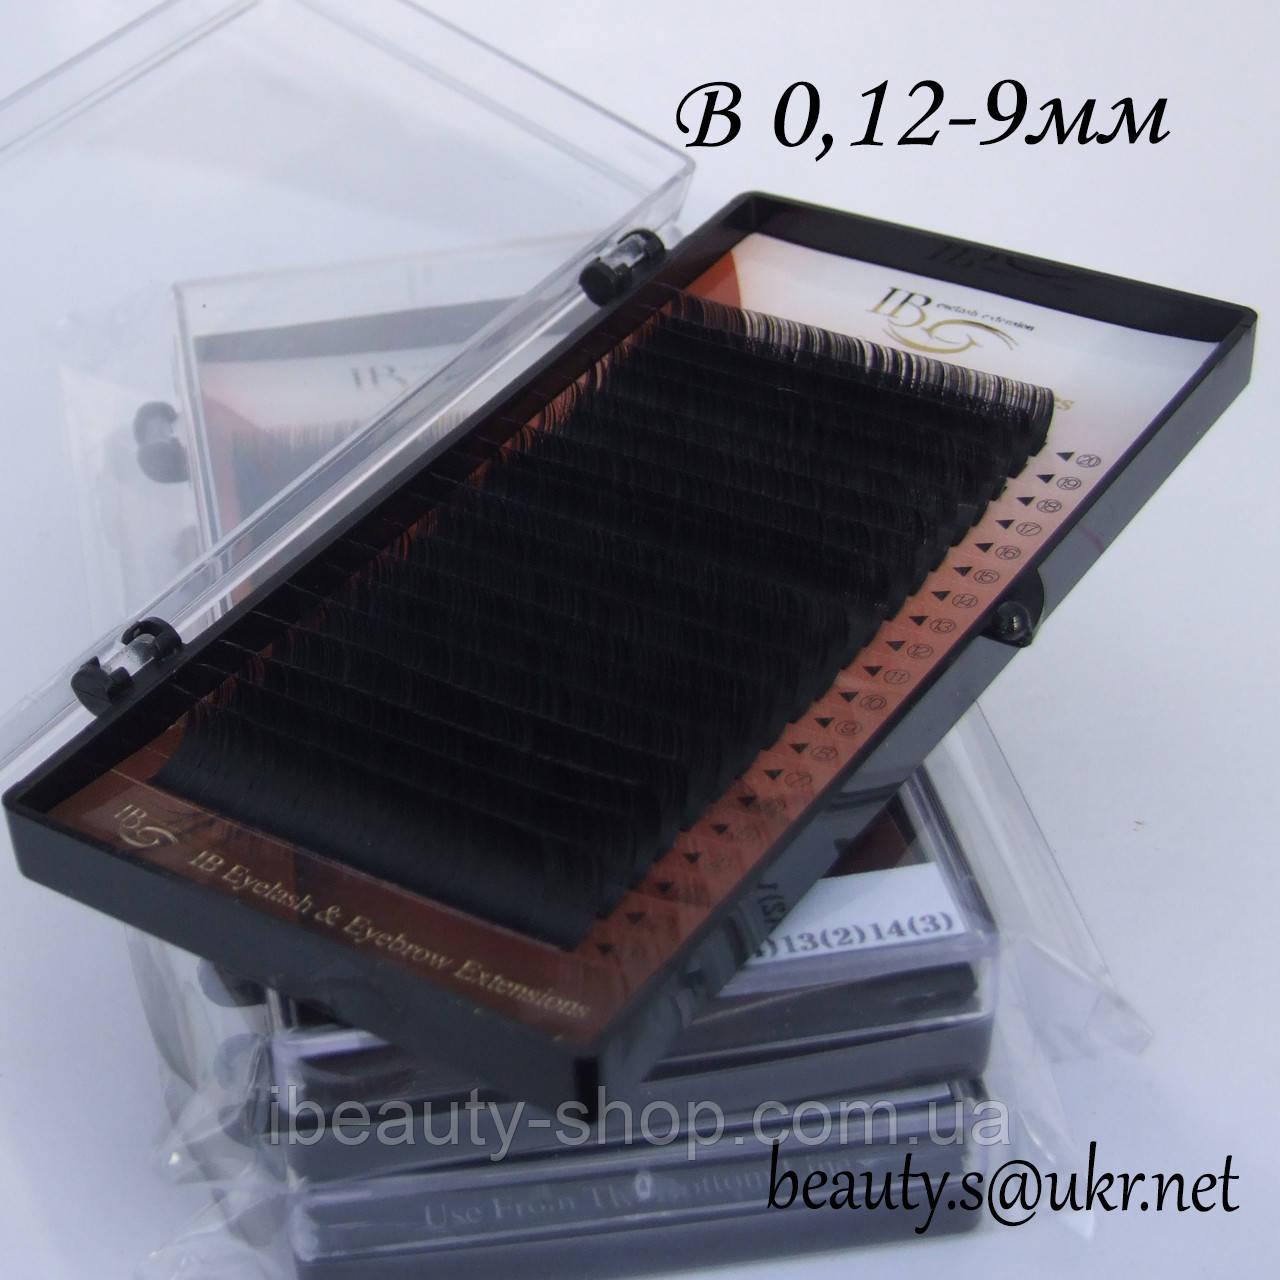 Ресницы I-Beauty на ленте B 0,12-9мм